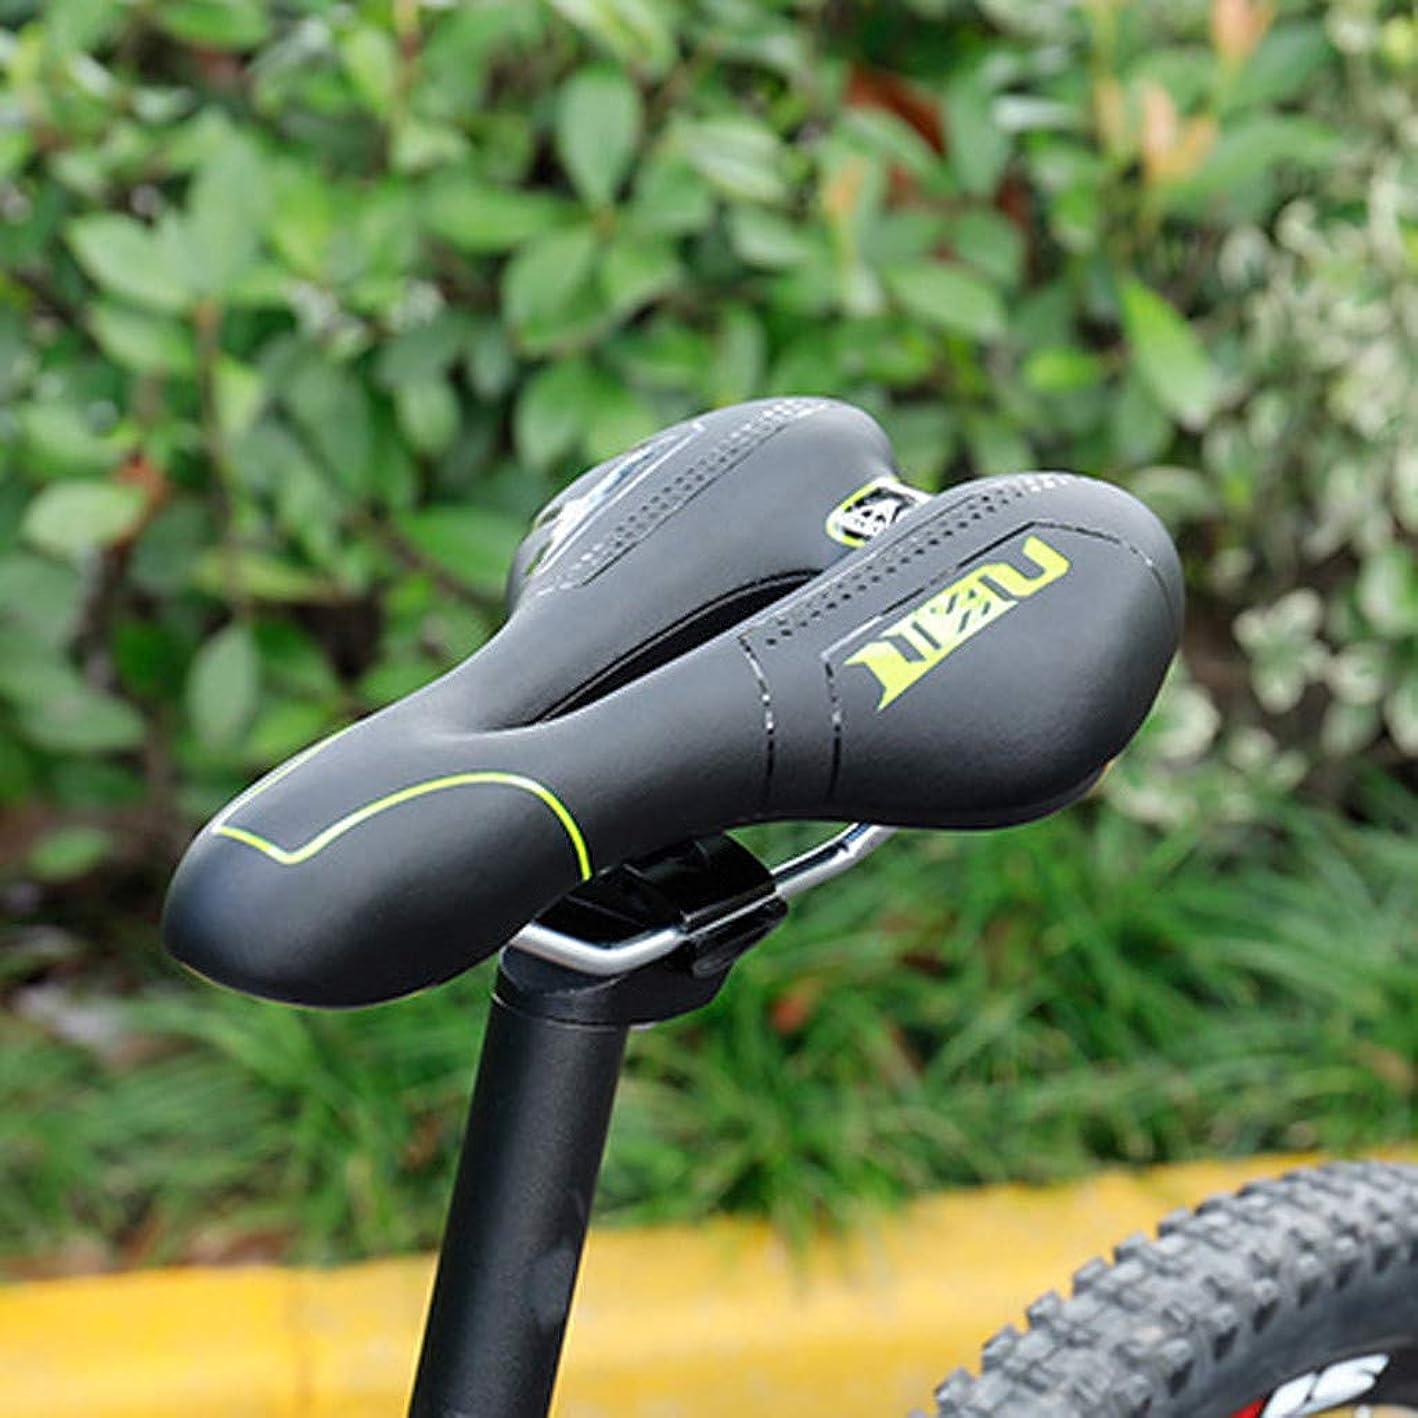 アナロジー通信する日自転車用クッション 防水マウンテンロードバイクサドルソフト快適なシート自転車アクセサリー (イェロー)